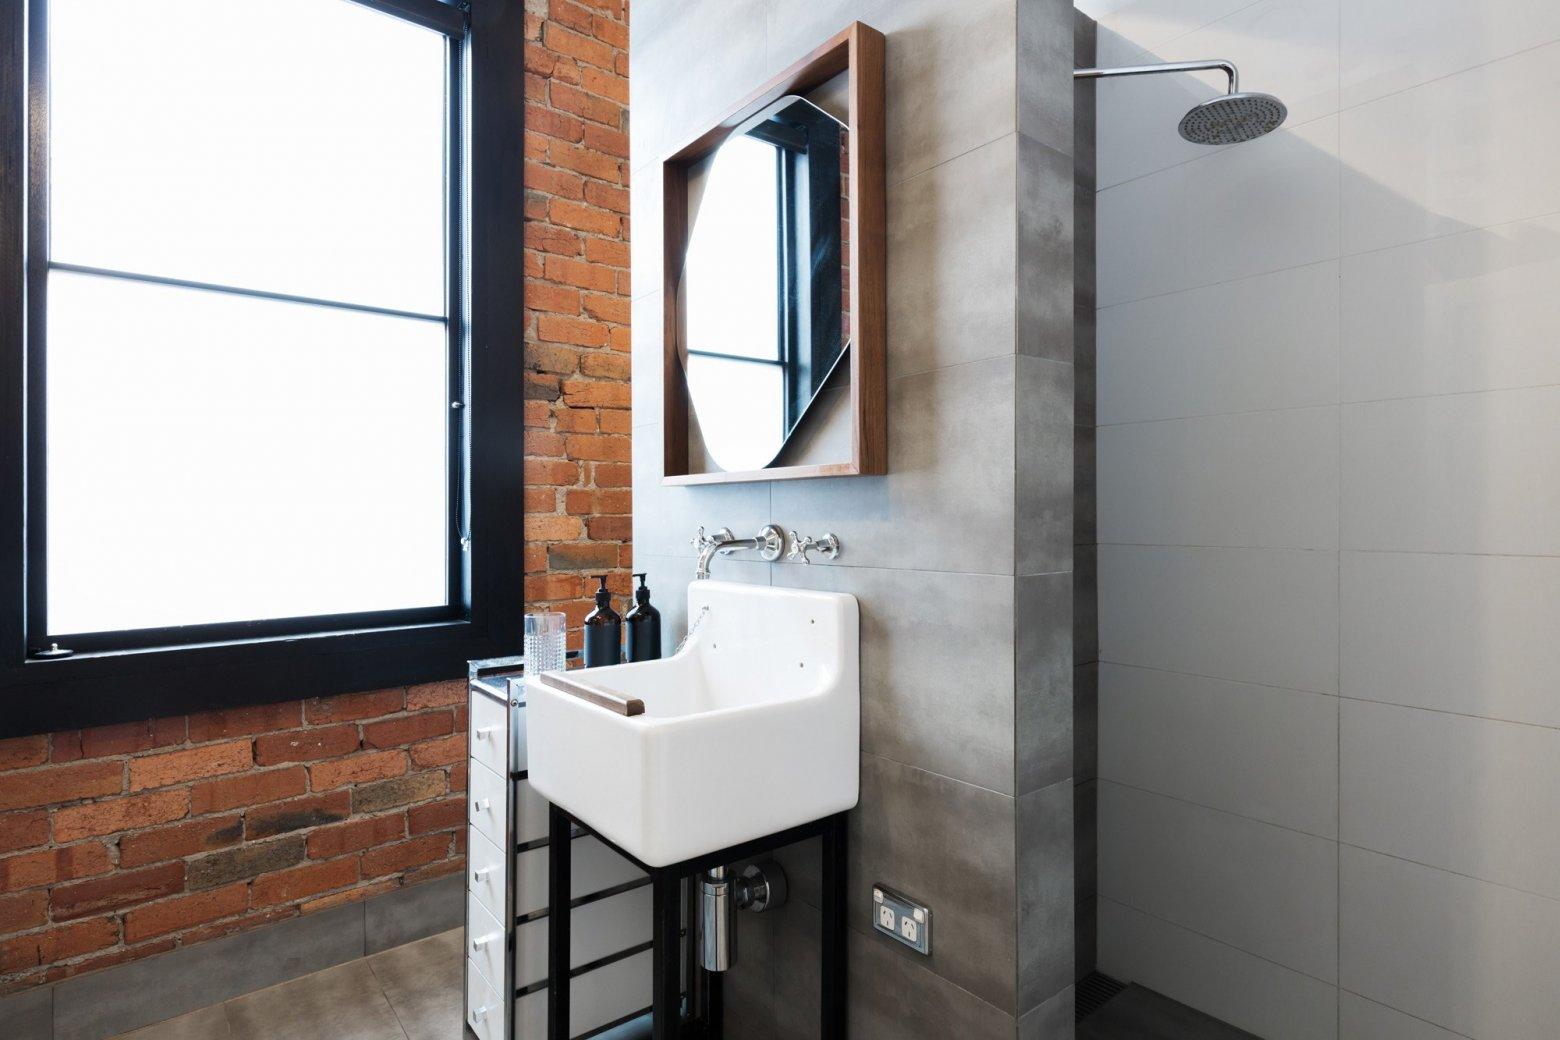 Kleine Badkamer Renovatie : Badkamerrenovaties van calster: voor en na